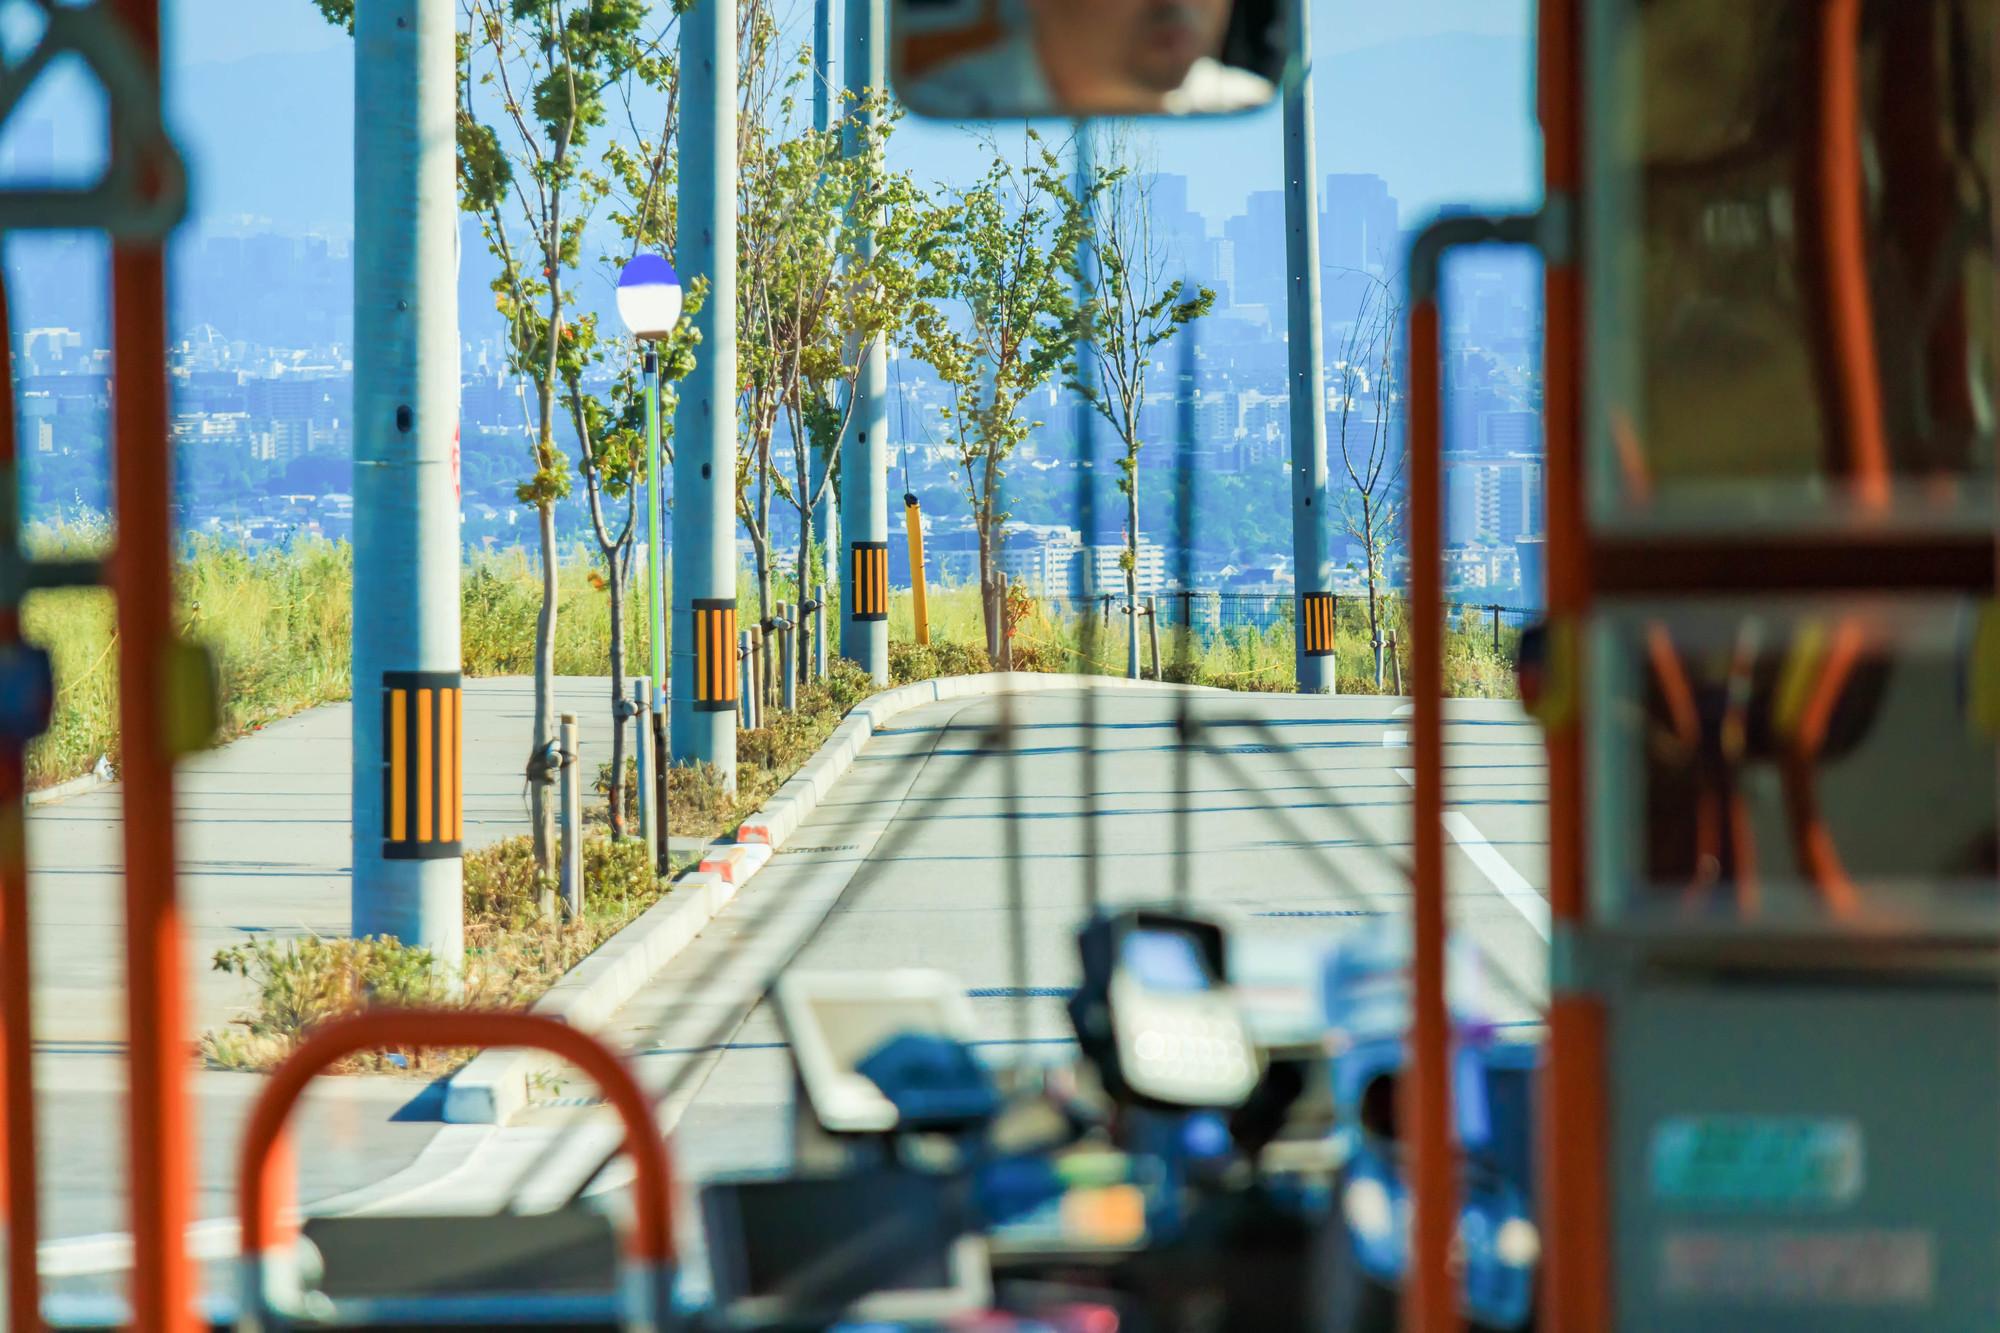 路線バスに乗っているときの写真です。